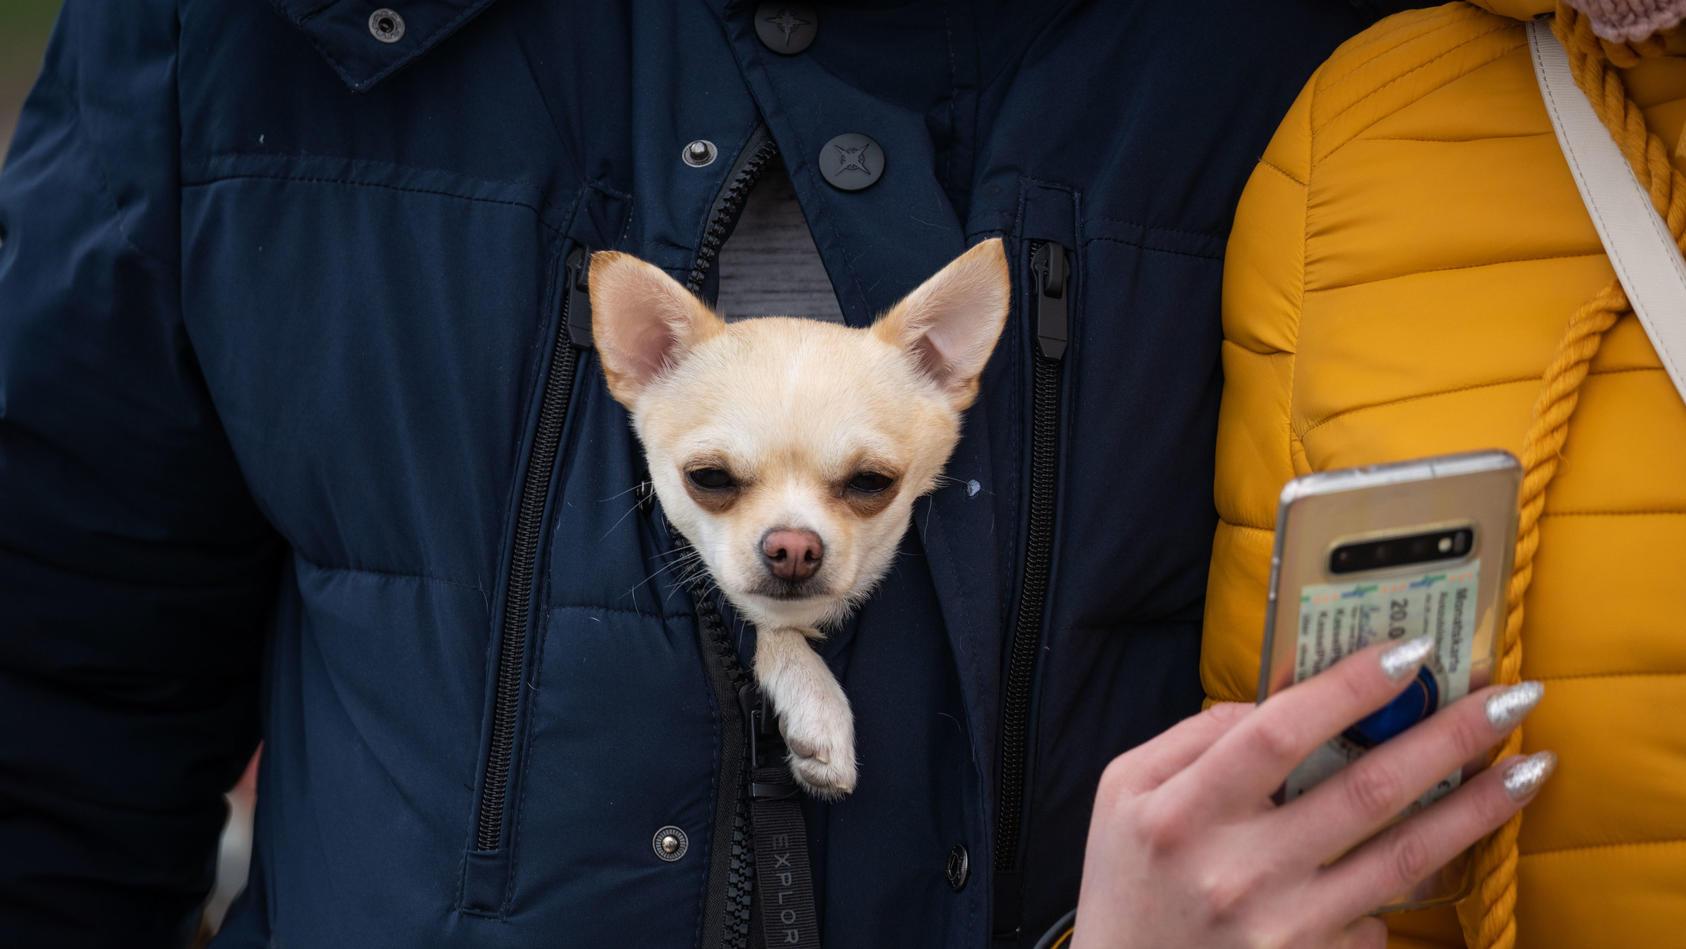 Ein kleiner Hund schaut vorne aus der Jacke seines Besitzers.